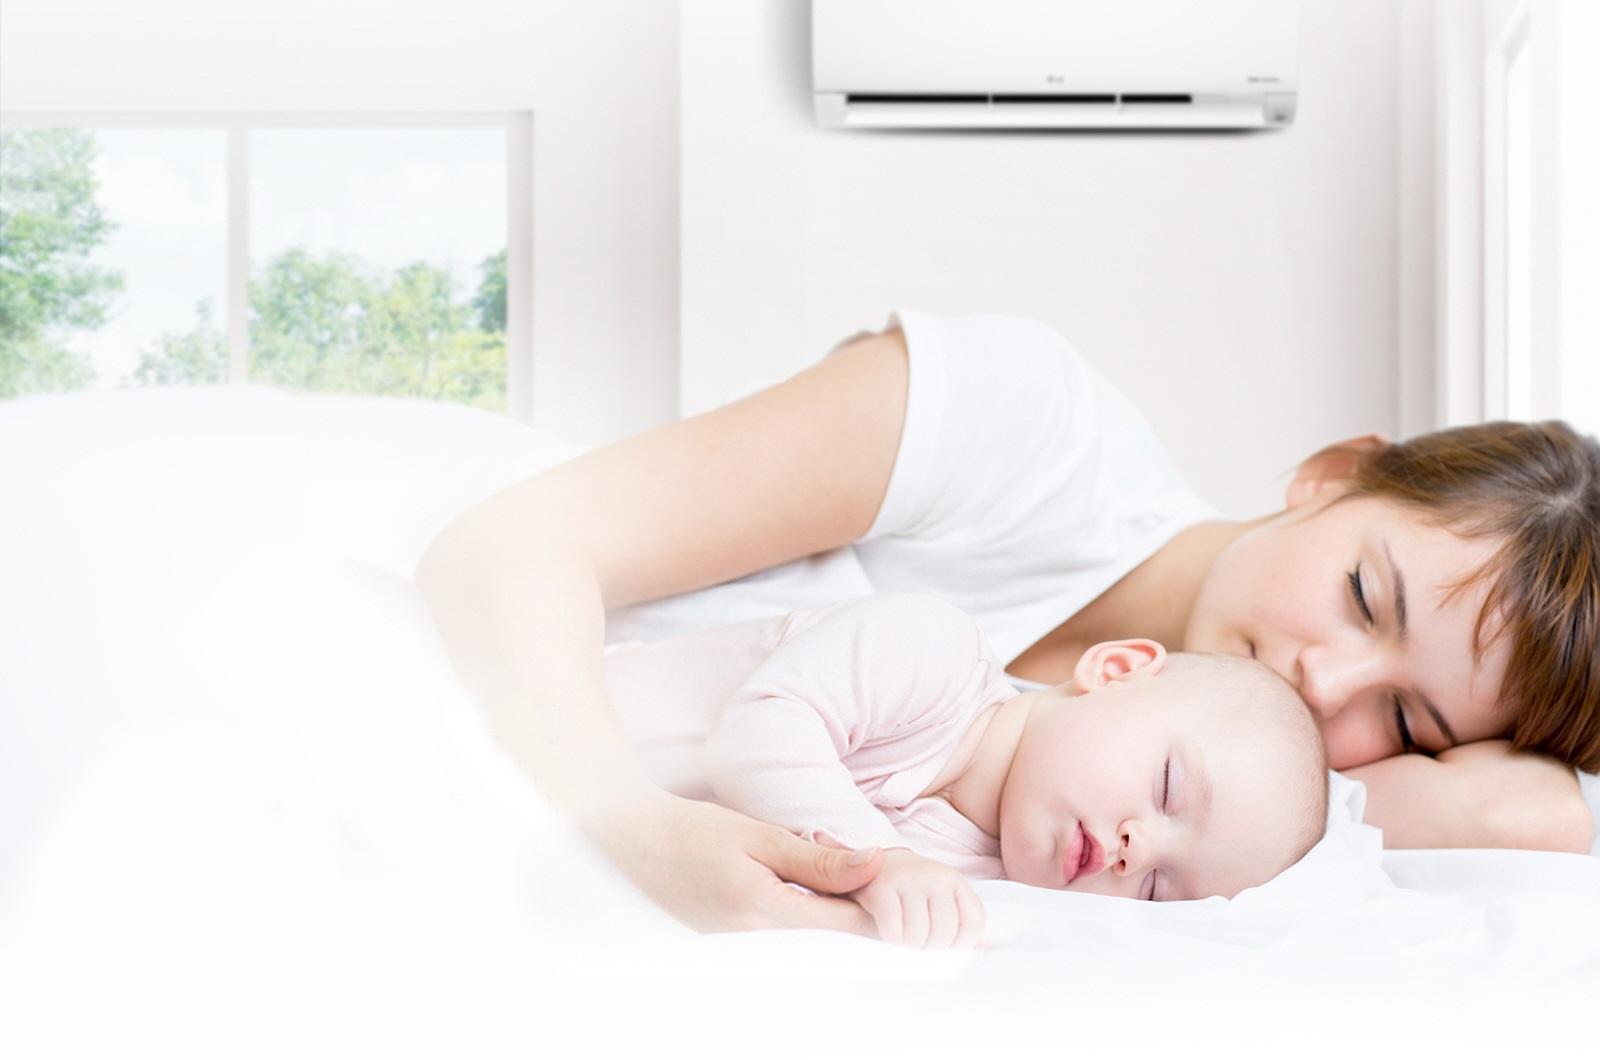 Hướng dẫn đặt chế độ điều hòa cho trẻ sơ sinh